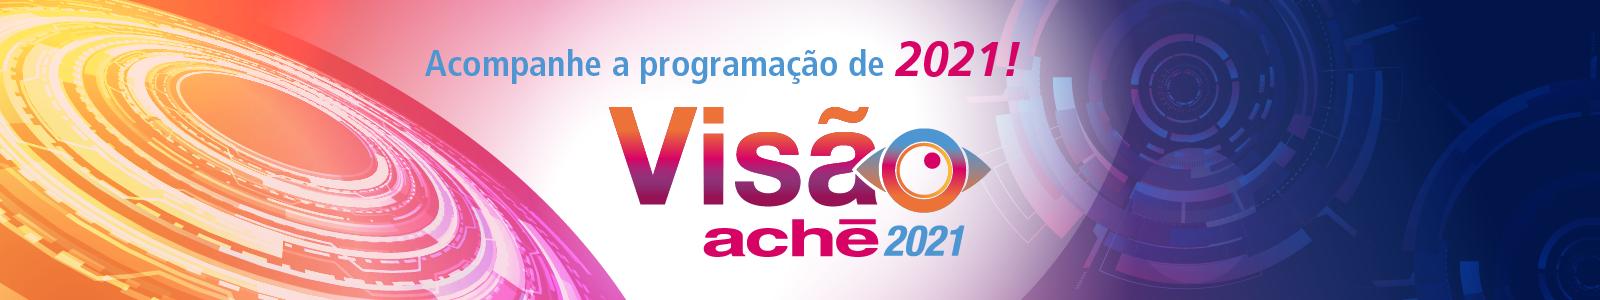 Visão Aché2021-banners gerais-logo